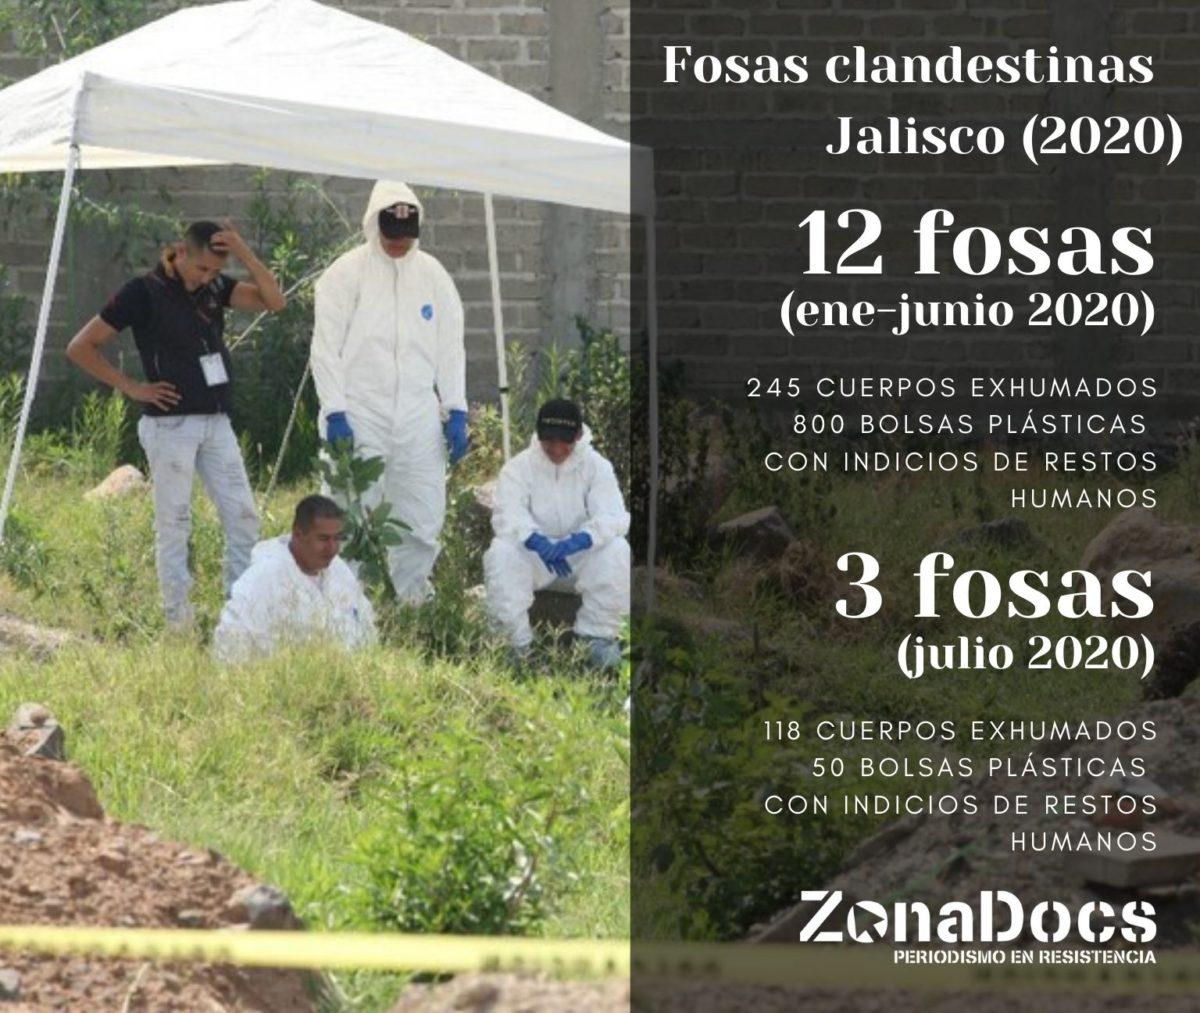 La impunidad en torno al hallazgo de fosas clandestinas en Jalisco